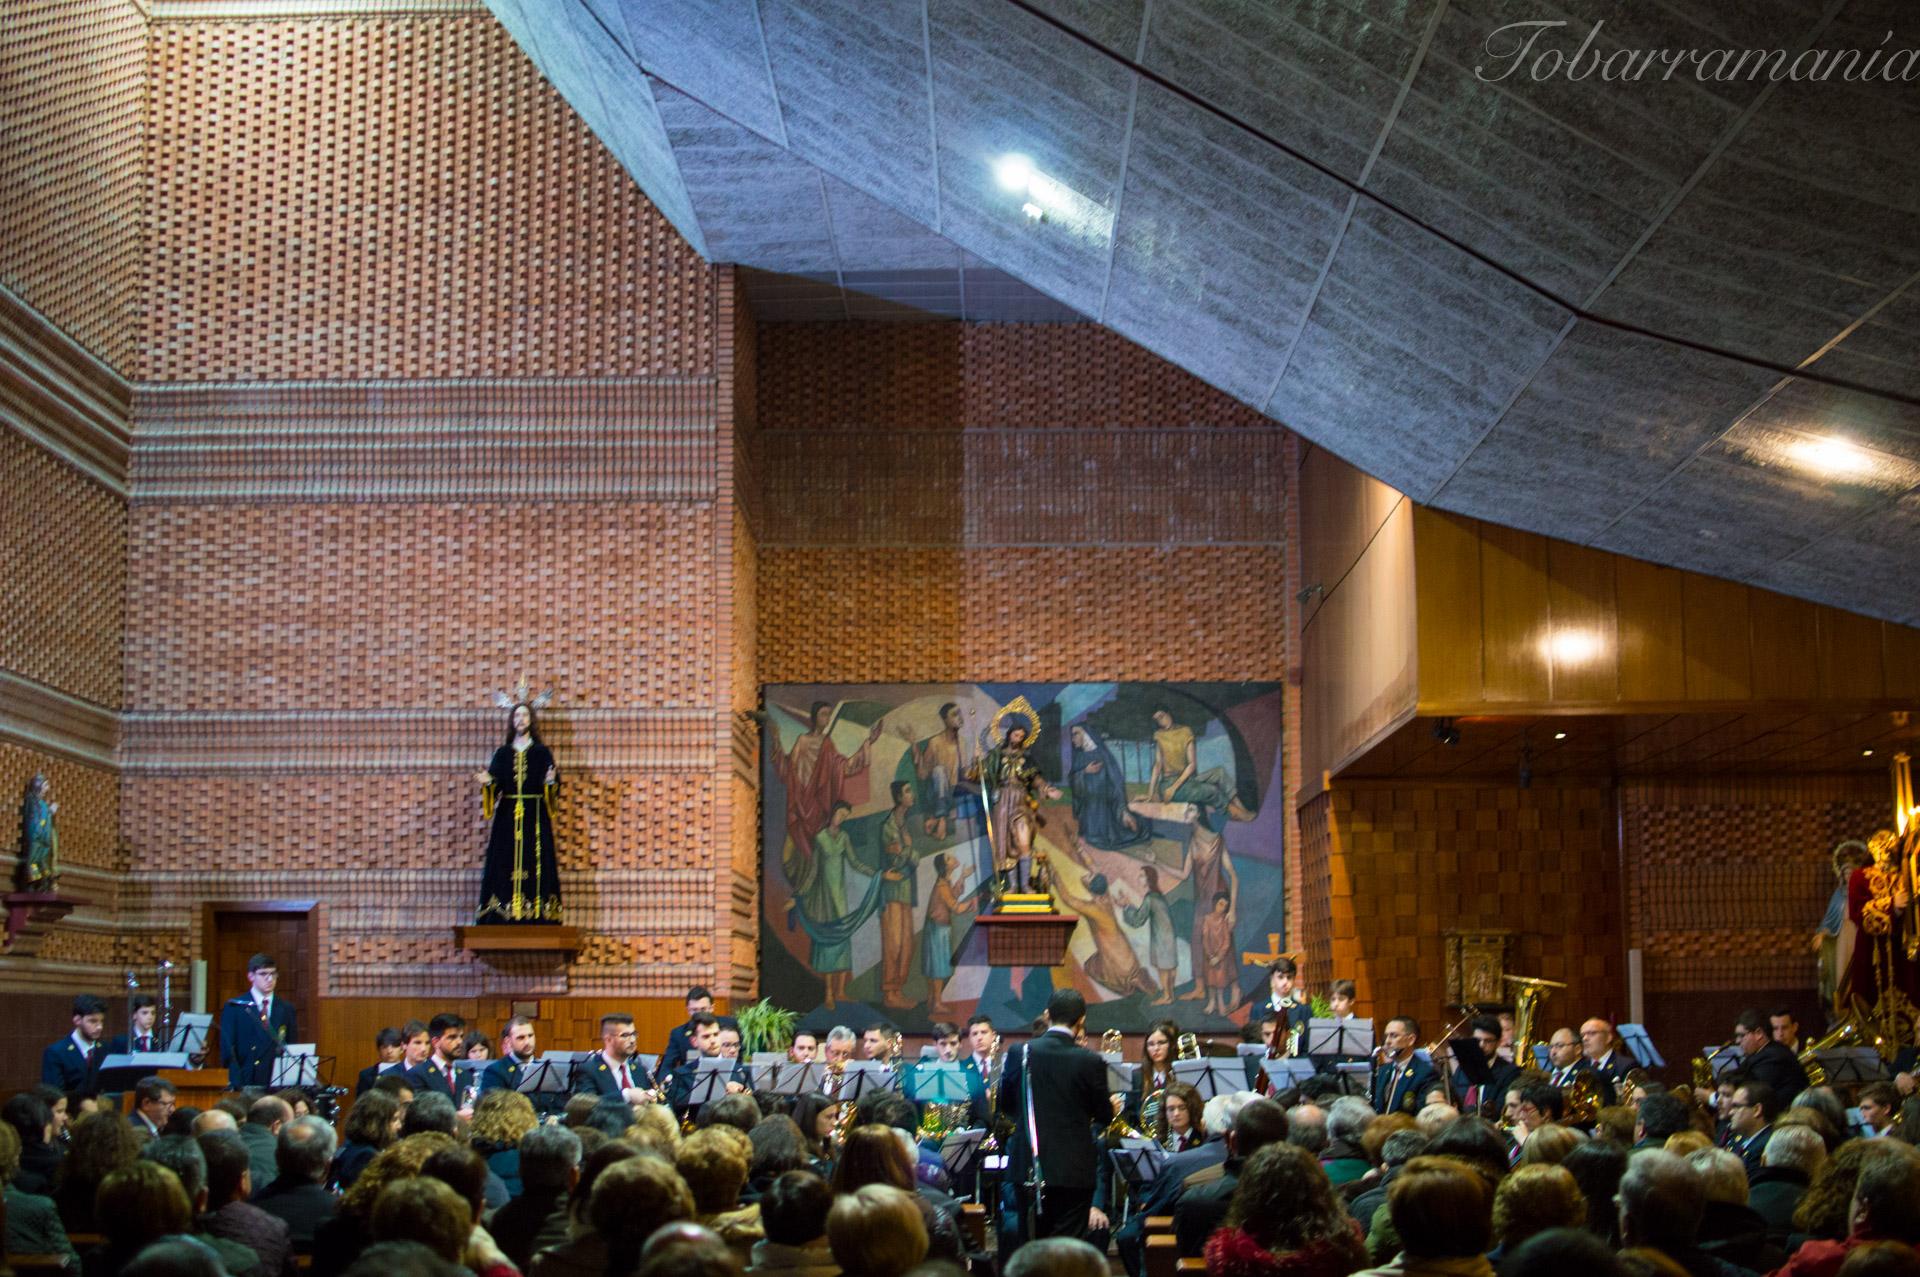 Concierto de Cuaresma 2018. Unión Musical Santa Cecilia. Tobarra